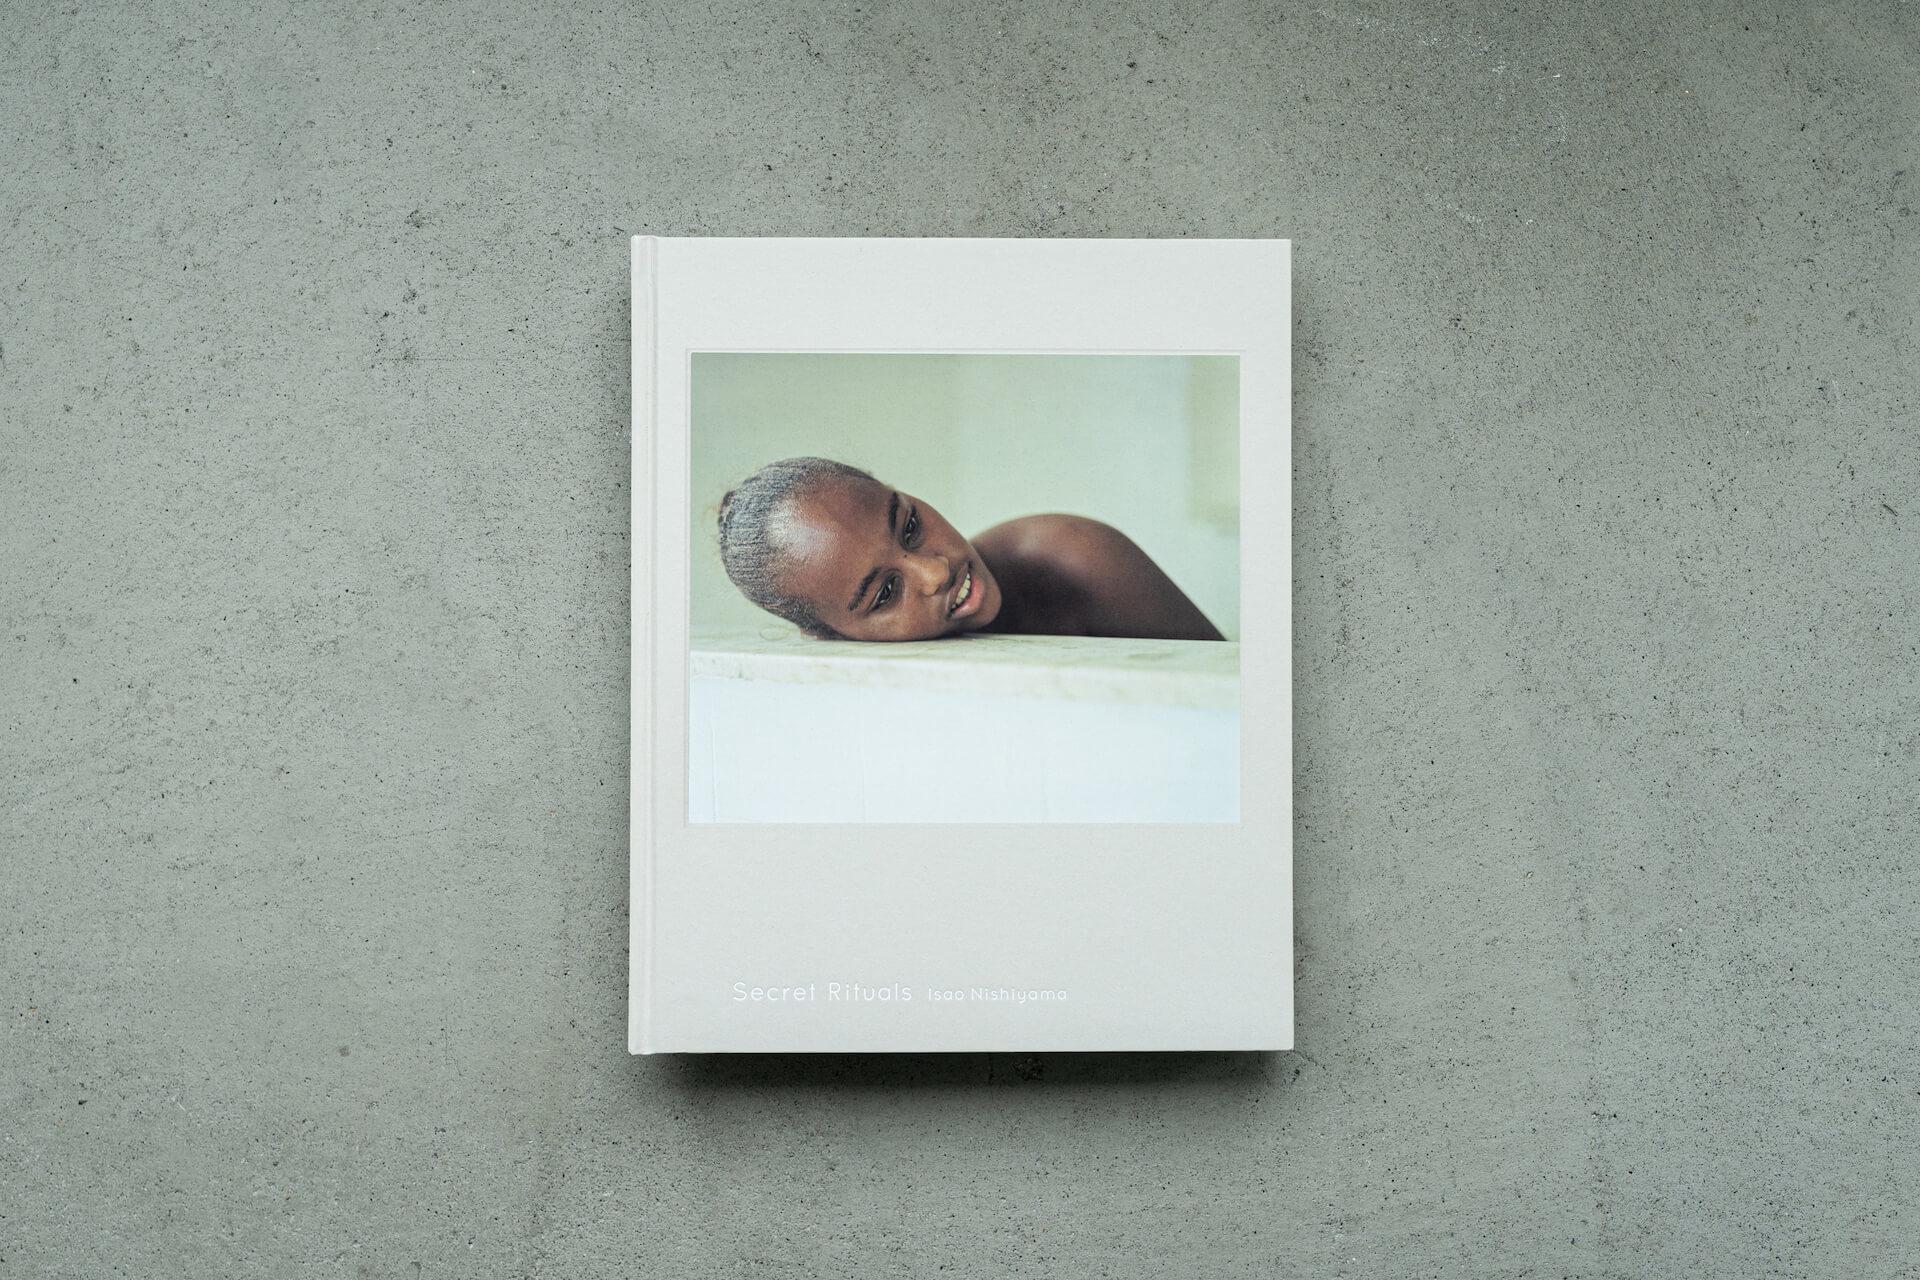 写真家西山勲の写真展<THE LIFE WITH PHOTOGRAPH>が開催!二会場にて同時開催に music210909_the_life_with_photograph_7